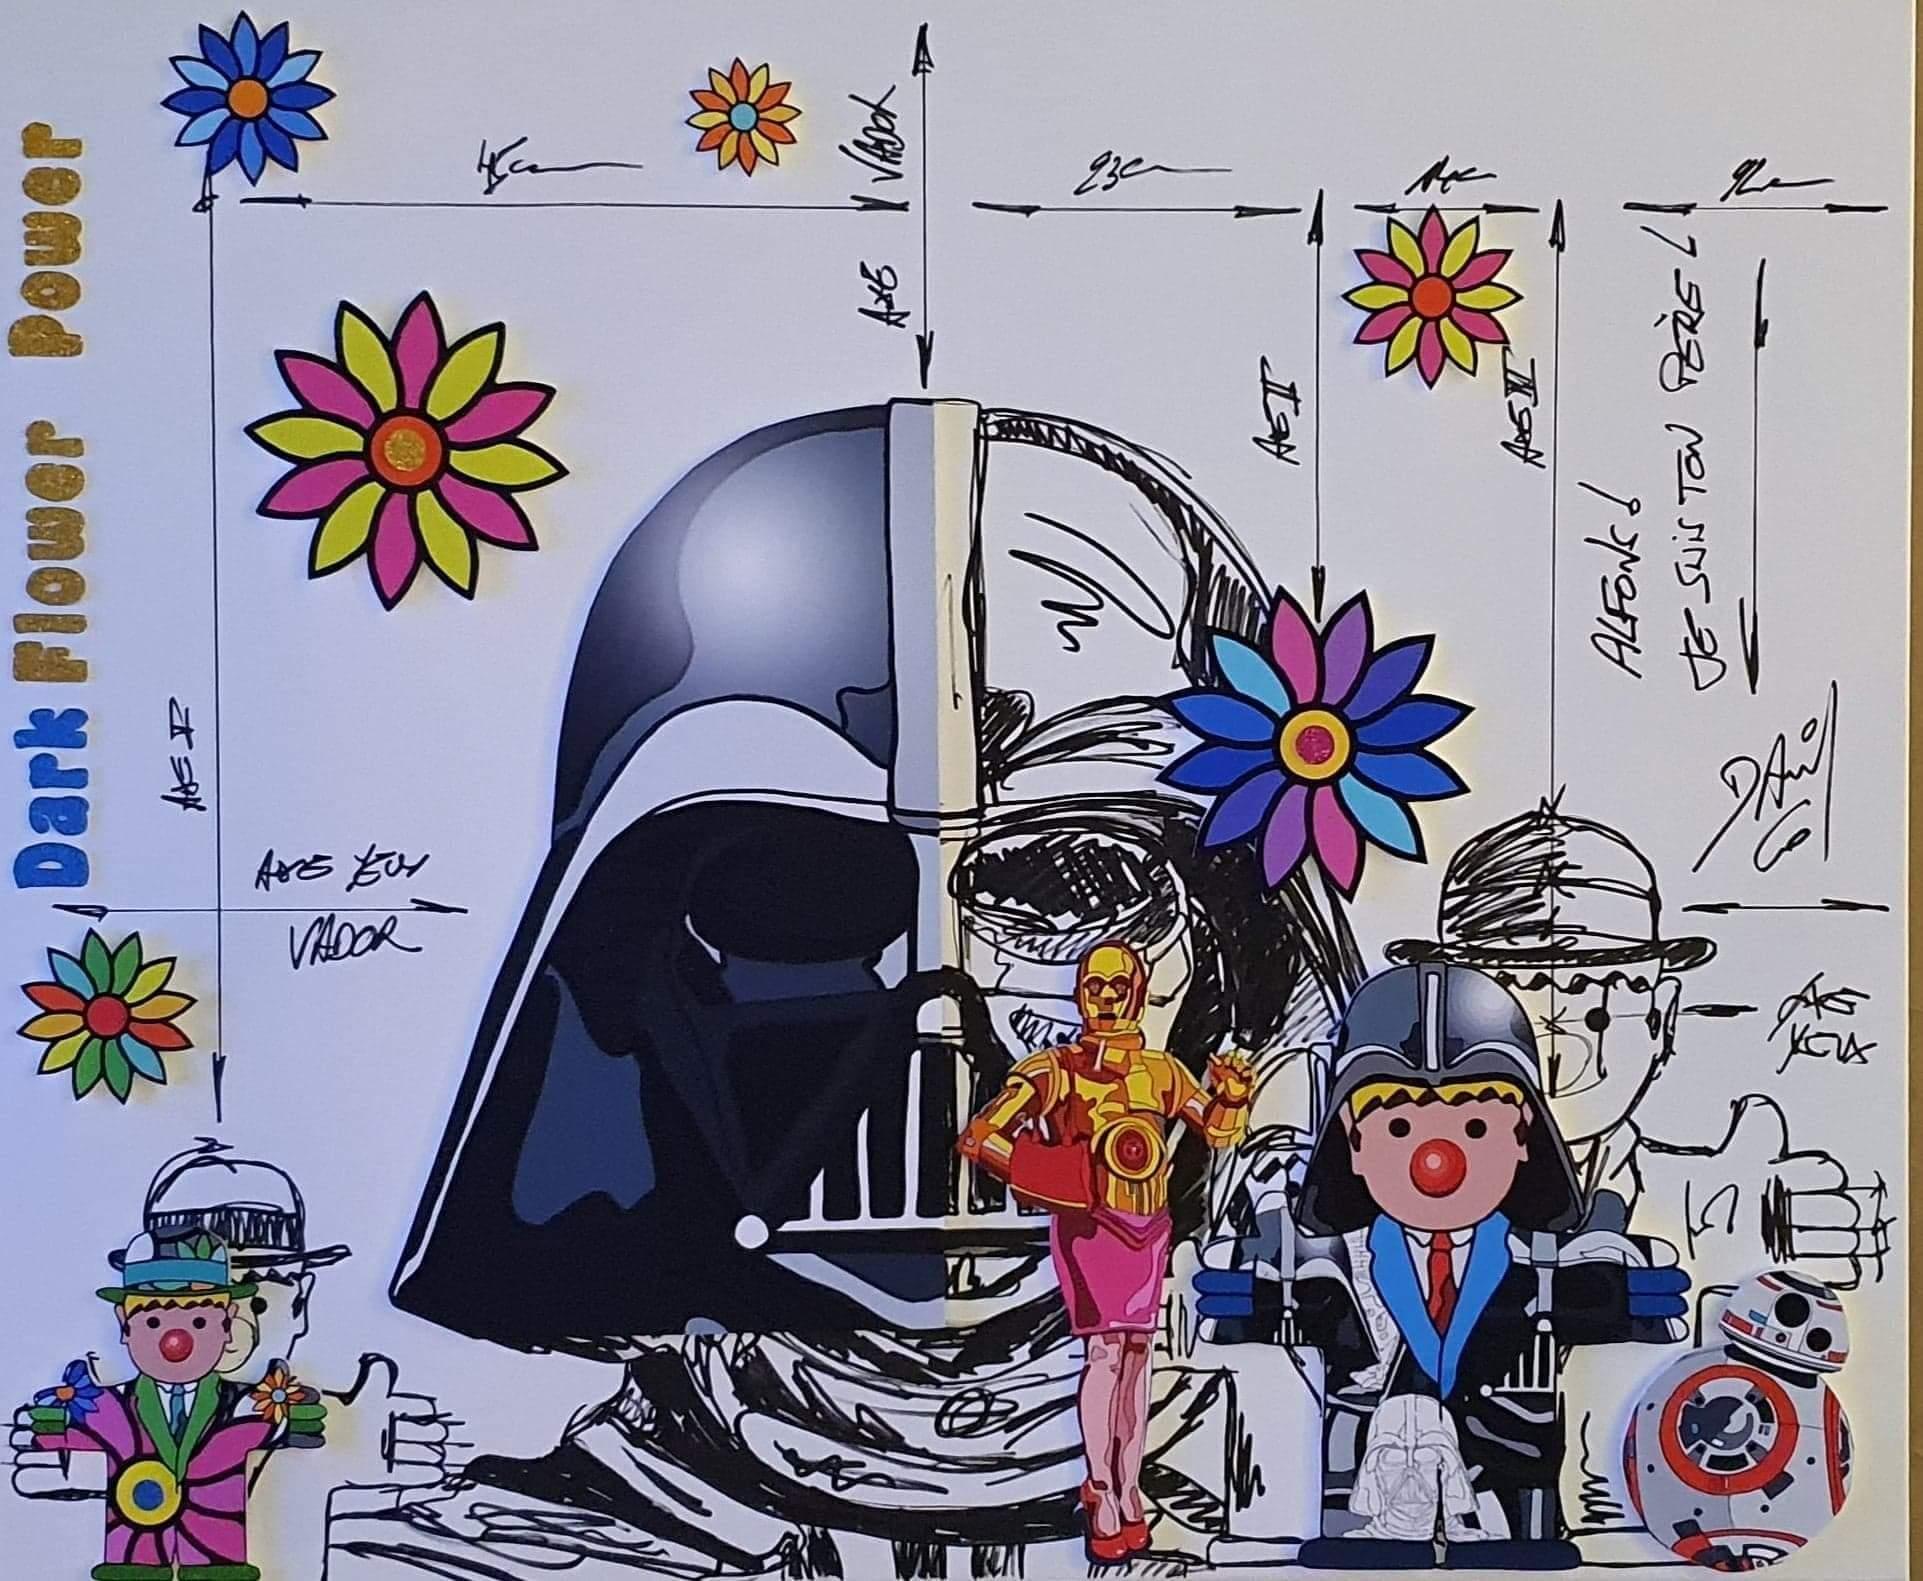 Dark flower power (David C.)